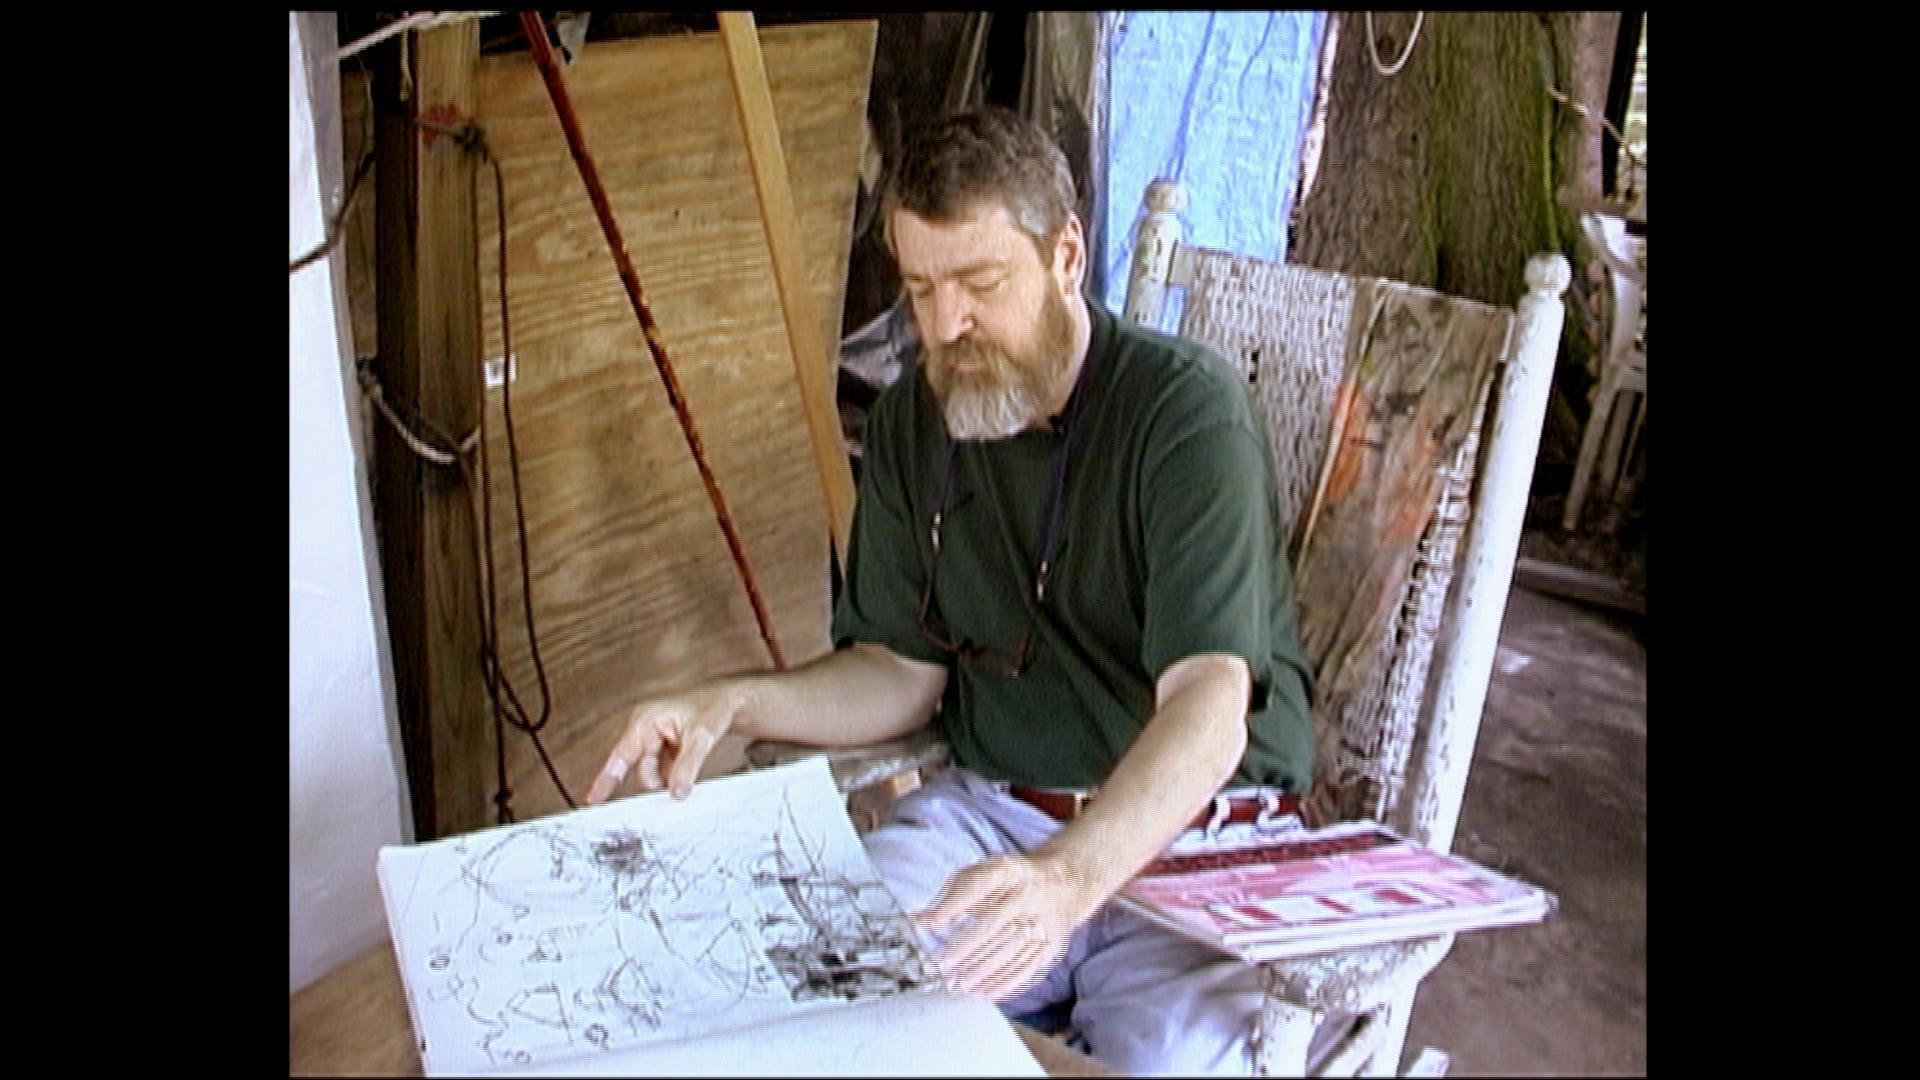 Mockbee On Sketching image